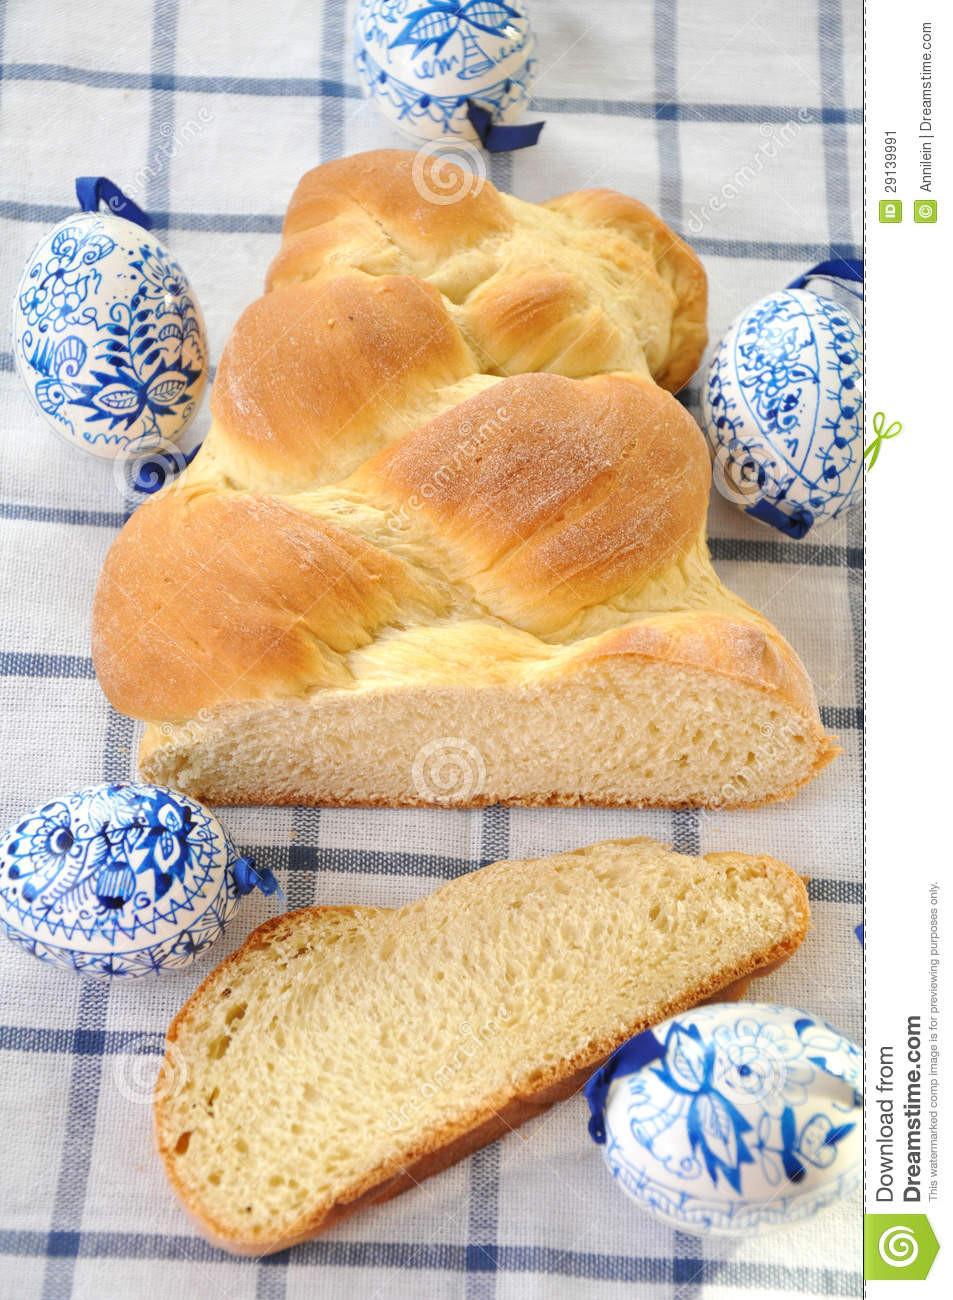 Easter Bread German  Sweet German Easter Bread Stock Image Image